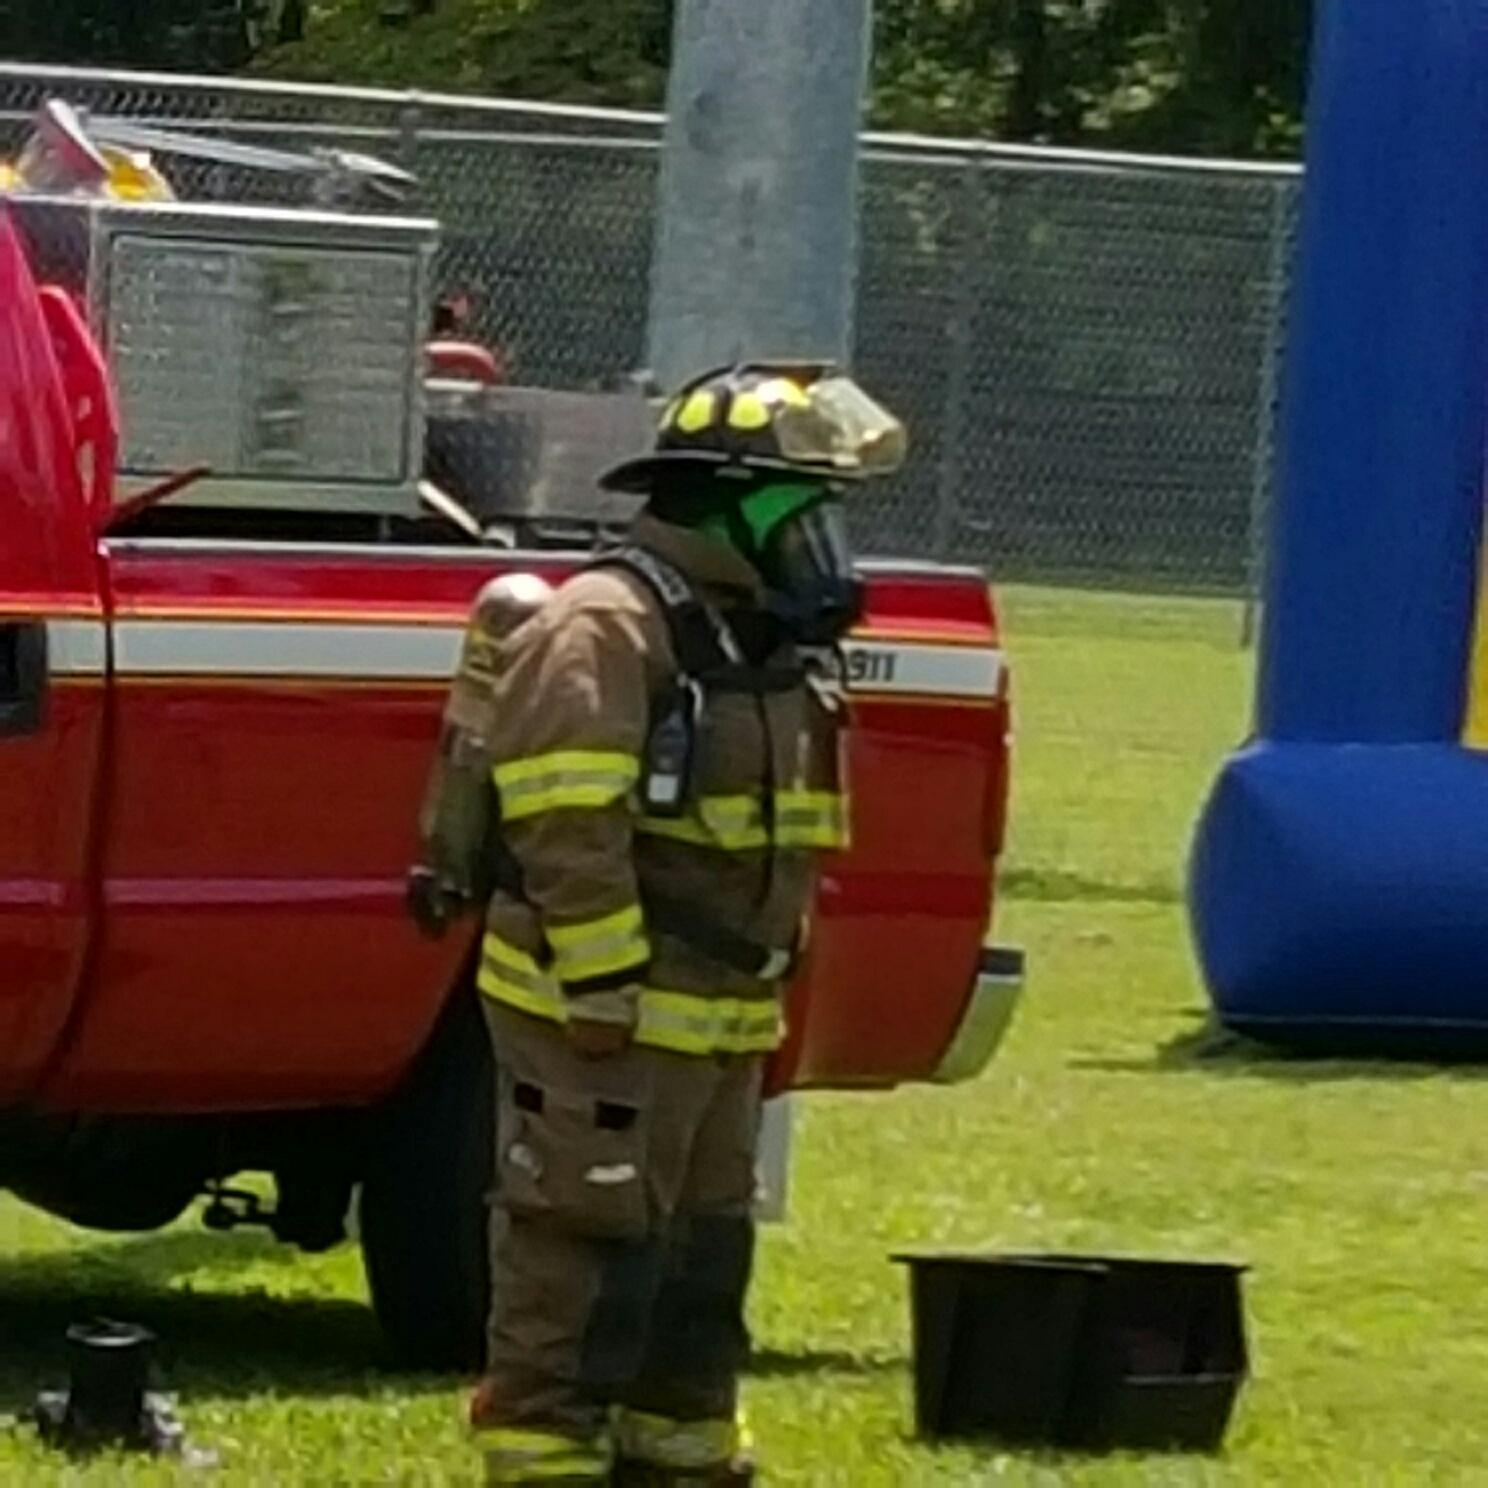 Mrs. Fireman in Uniform